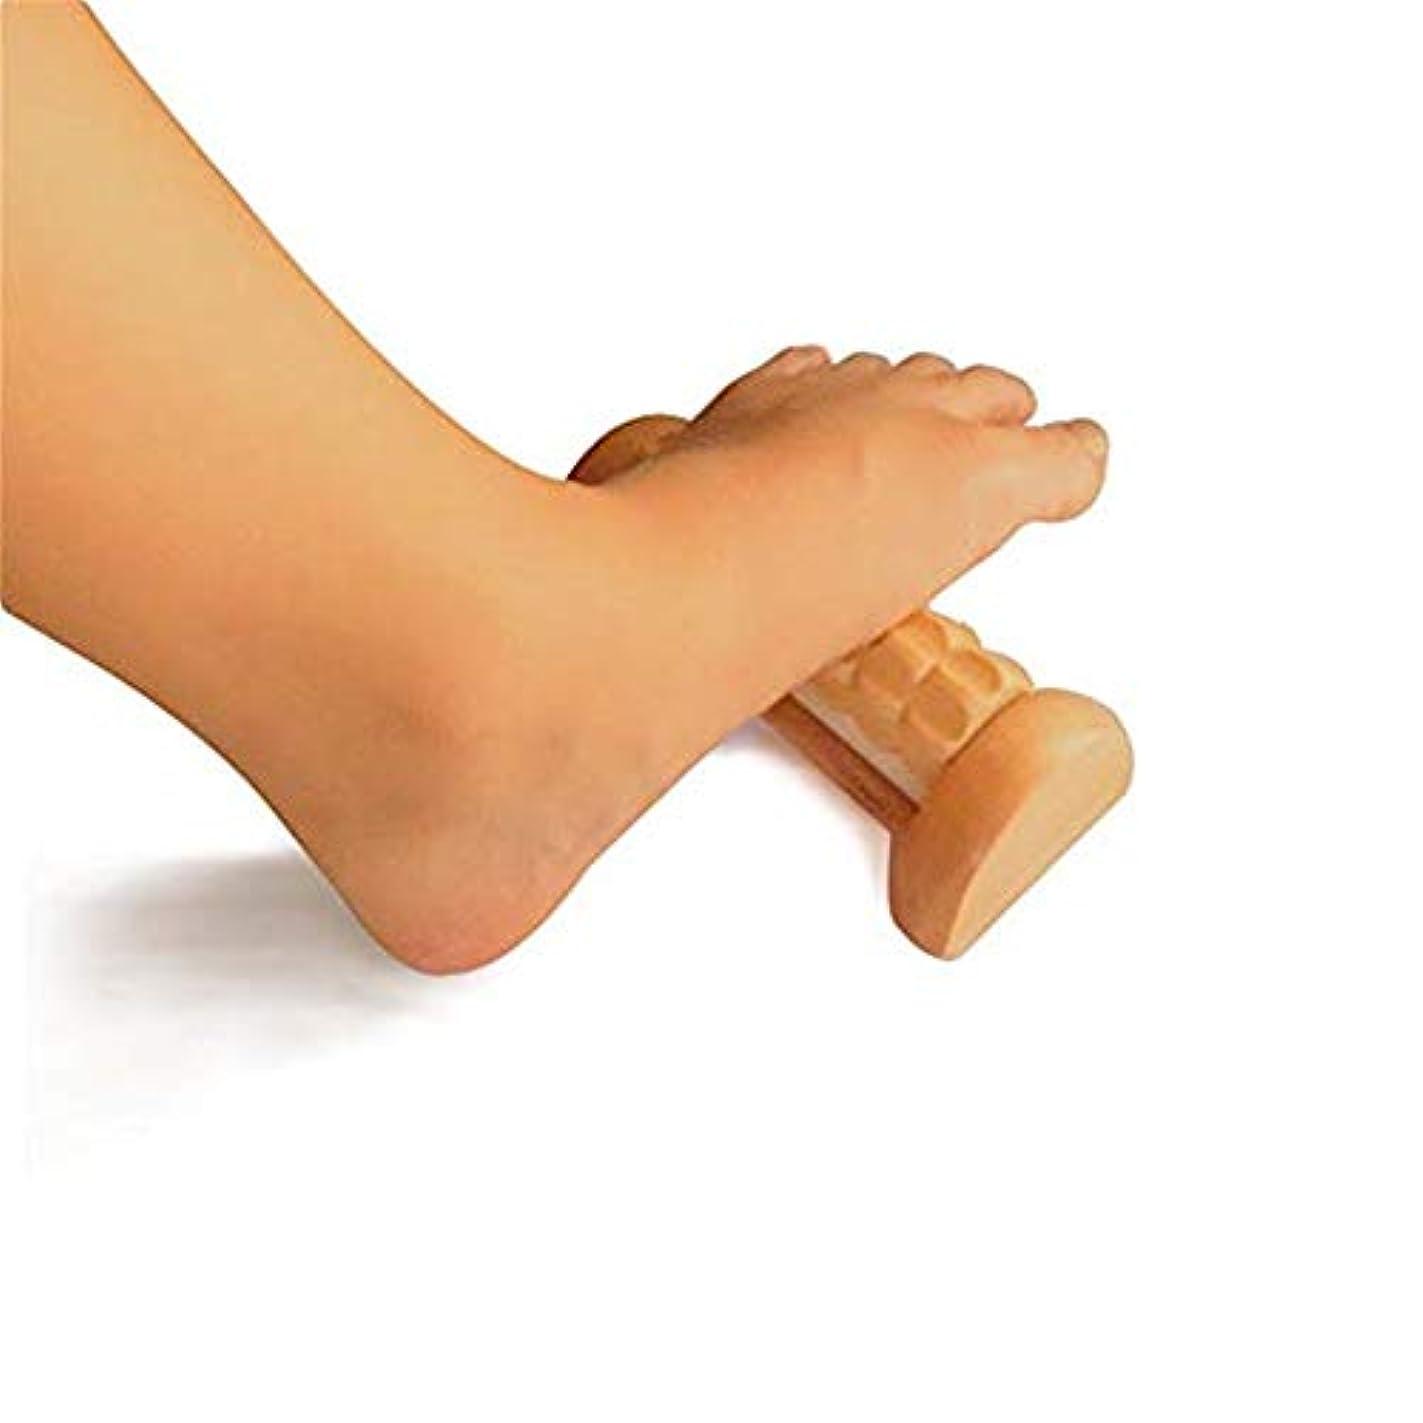 芝生銅Foot Massager Roller - 足のARCHの痛み、足底筋膜炎、痛みのセルフマッサージと痛みを和らげます - 筋膜の弛緩、リラックスした緊張/タイトな筋膜およびアーチを刺激します